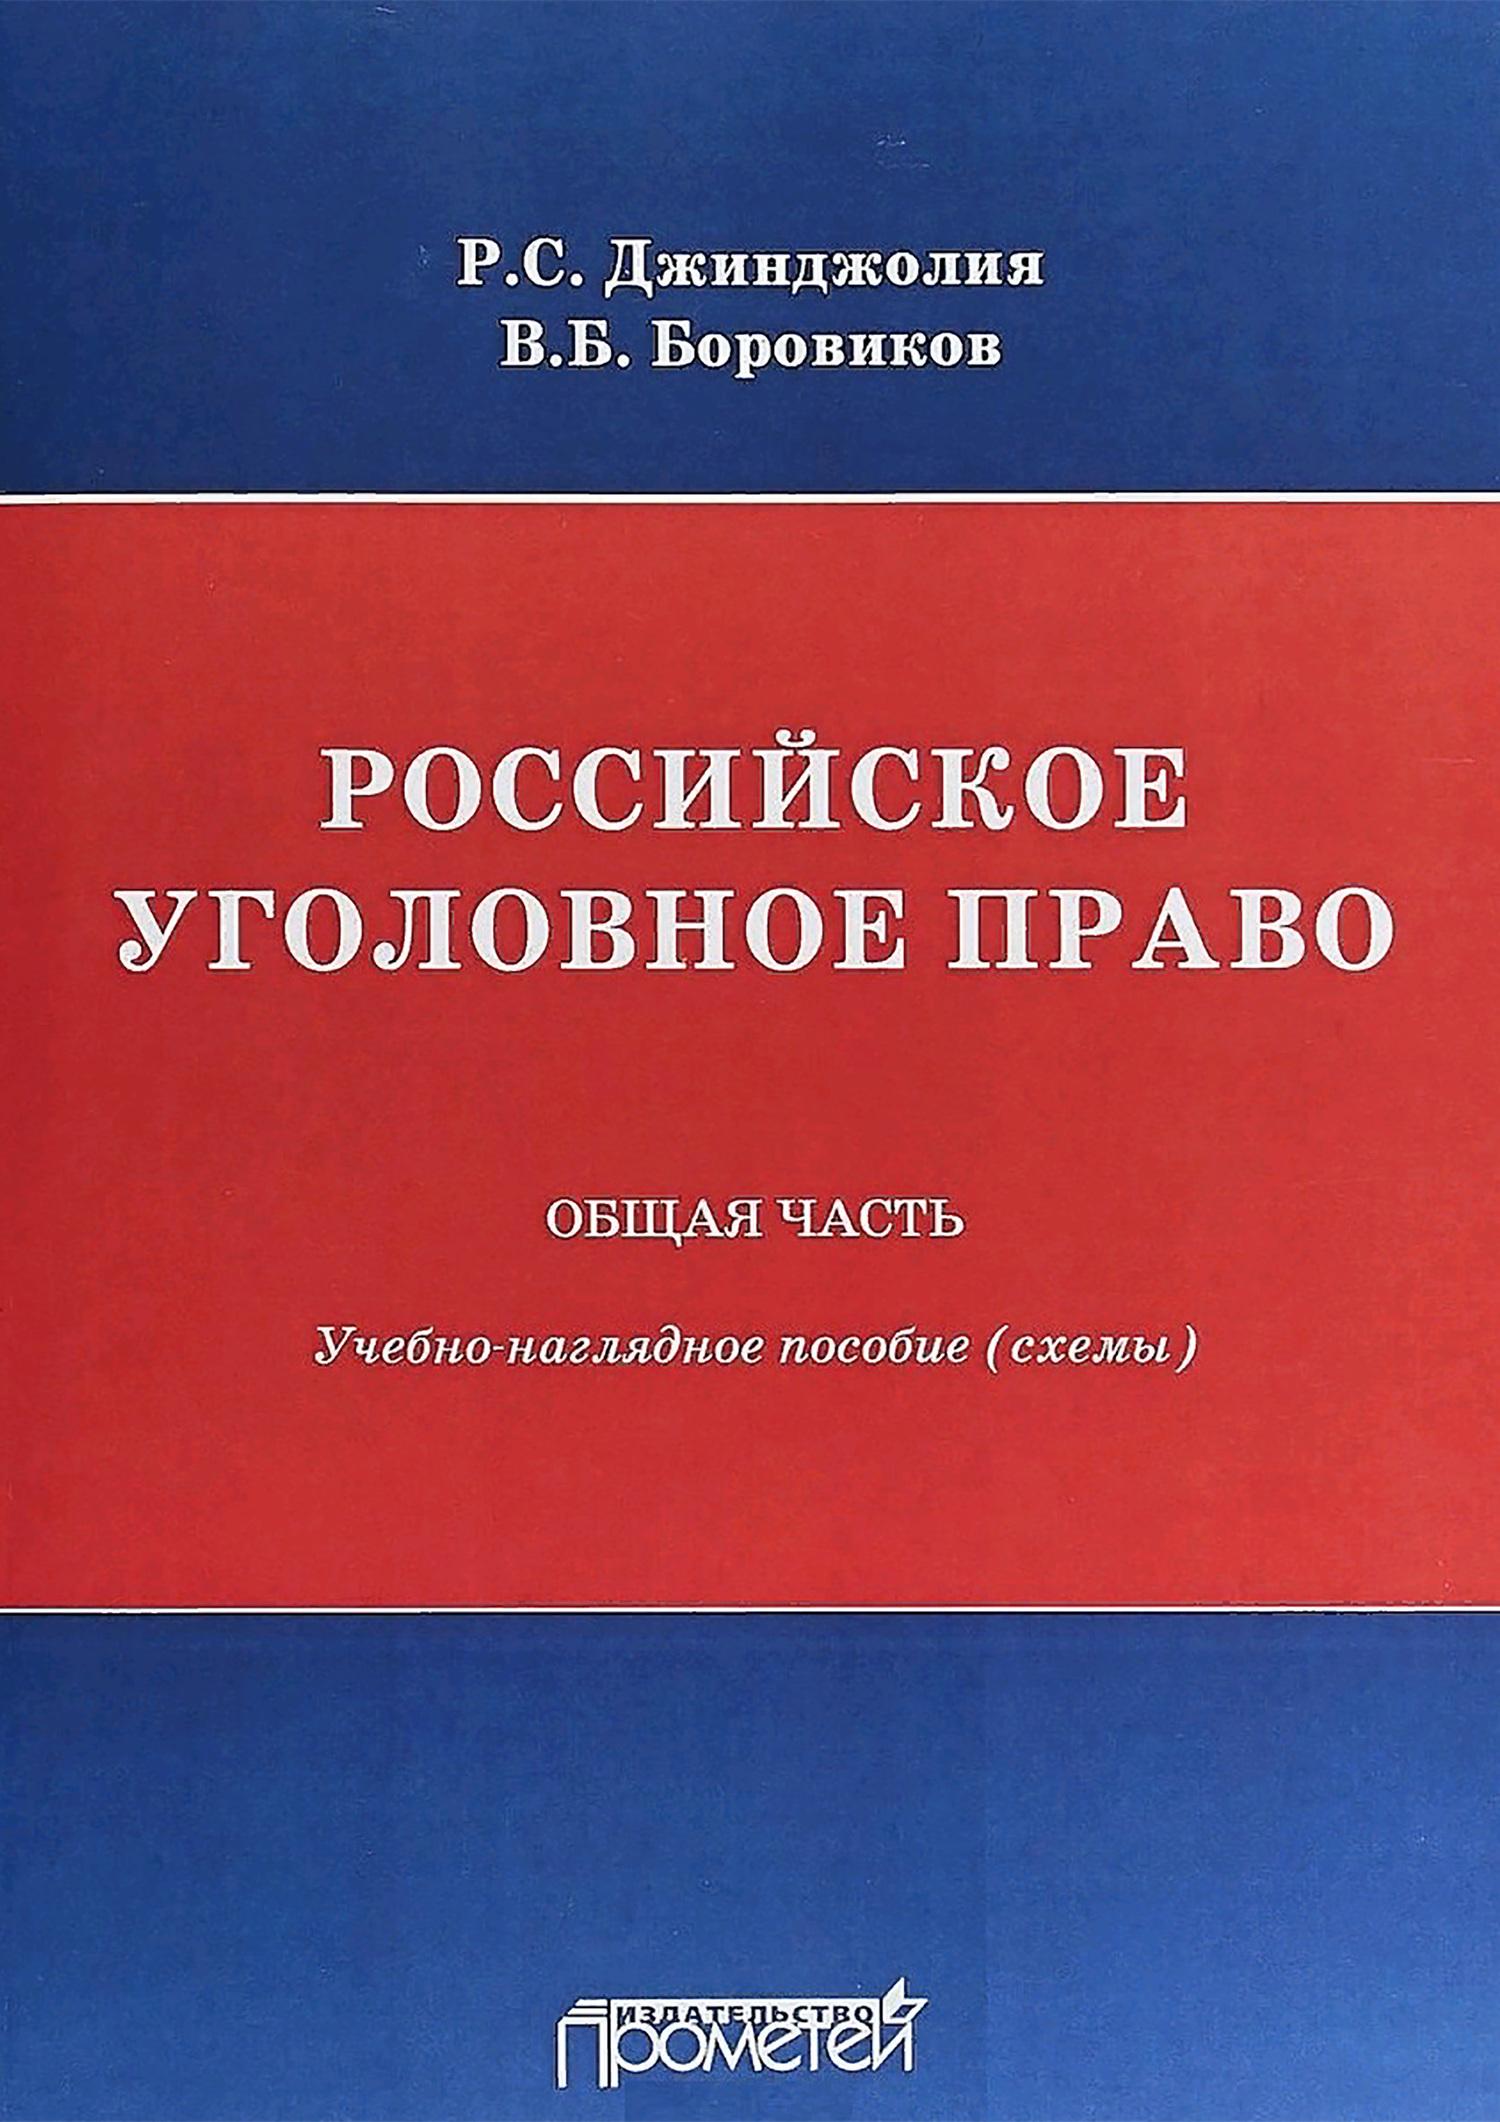 Российское уголовное право. Общая часть. Учебно-наглядное пособие (схемы)